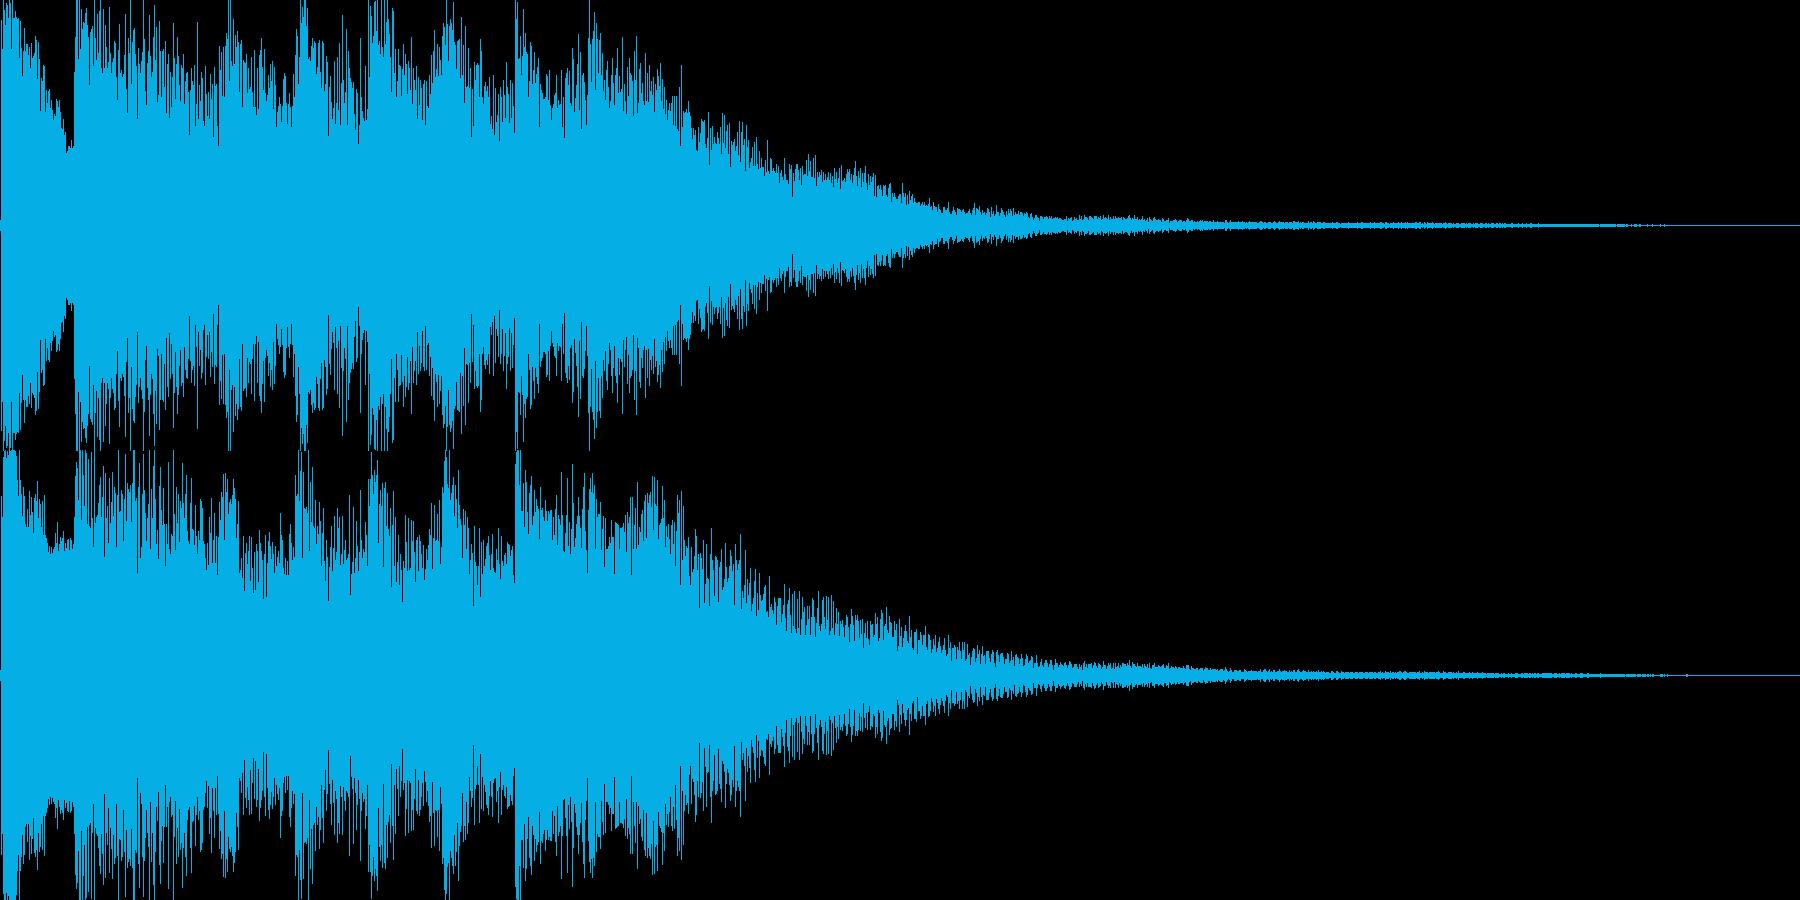 ゲームオーバー、セーブなど(中世風)の再生済みの波形